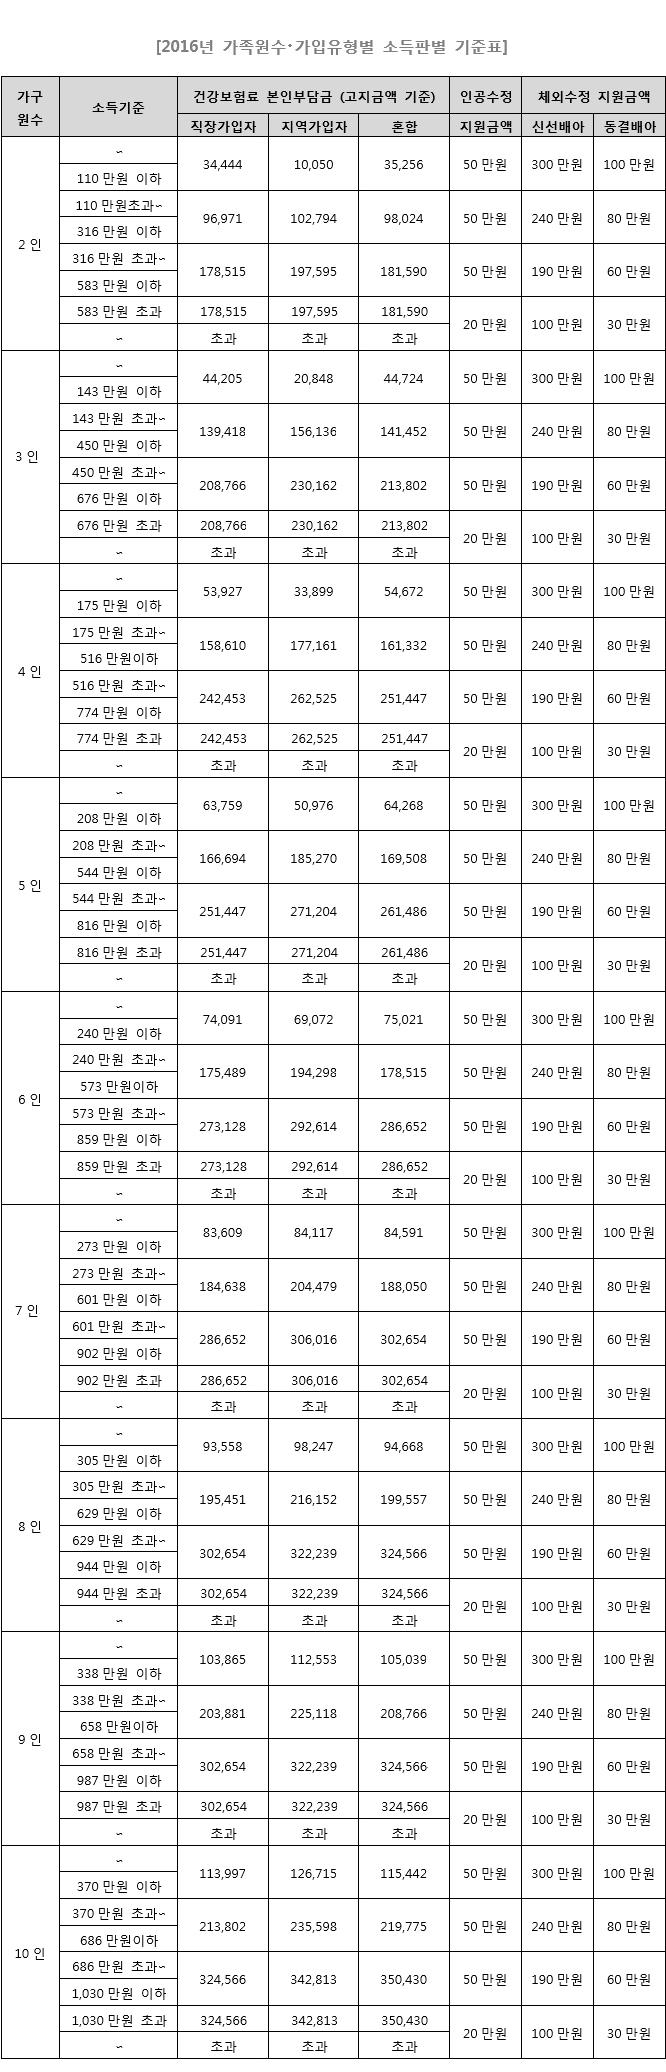 2016년 소득판별 기준표